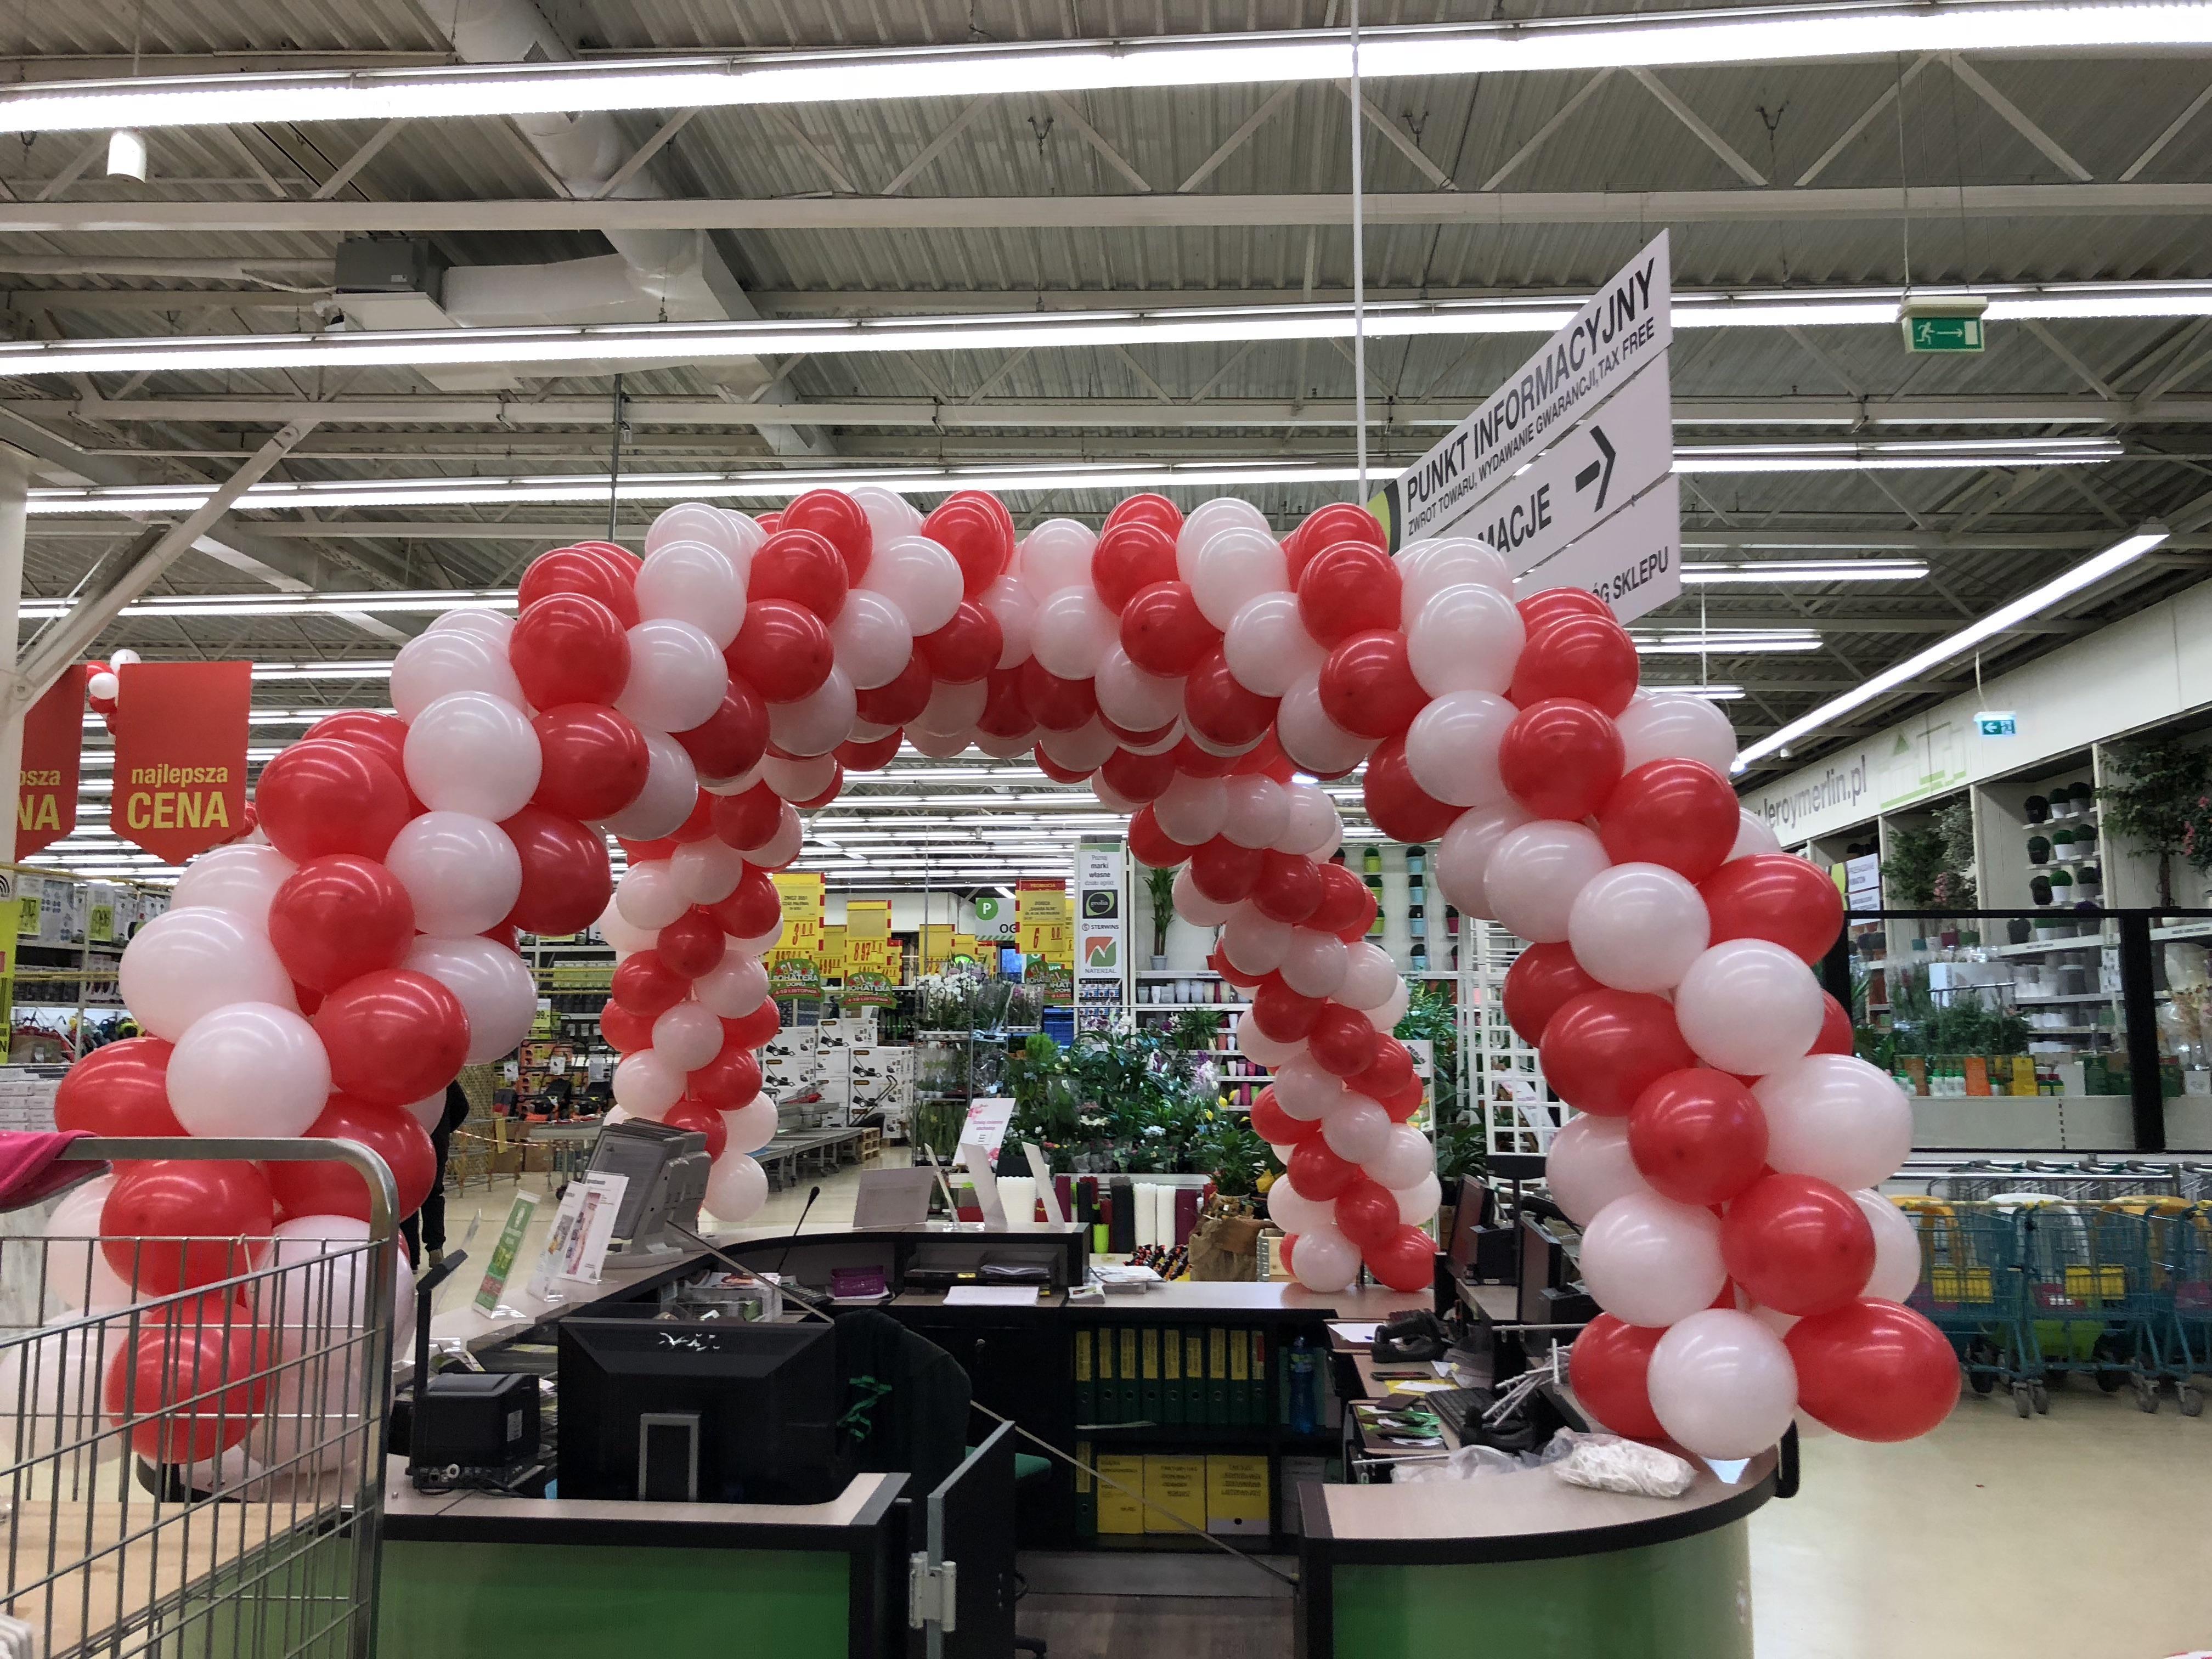 Dekoracja Balonami Punktu Infromacyjnego W Leroy Merlin Dekoracje Balonowe Katowice